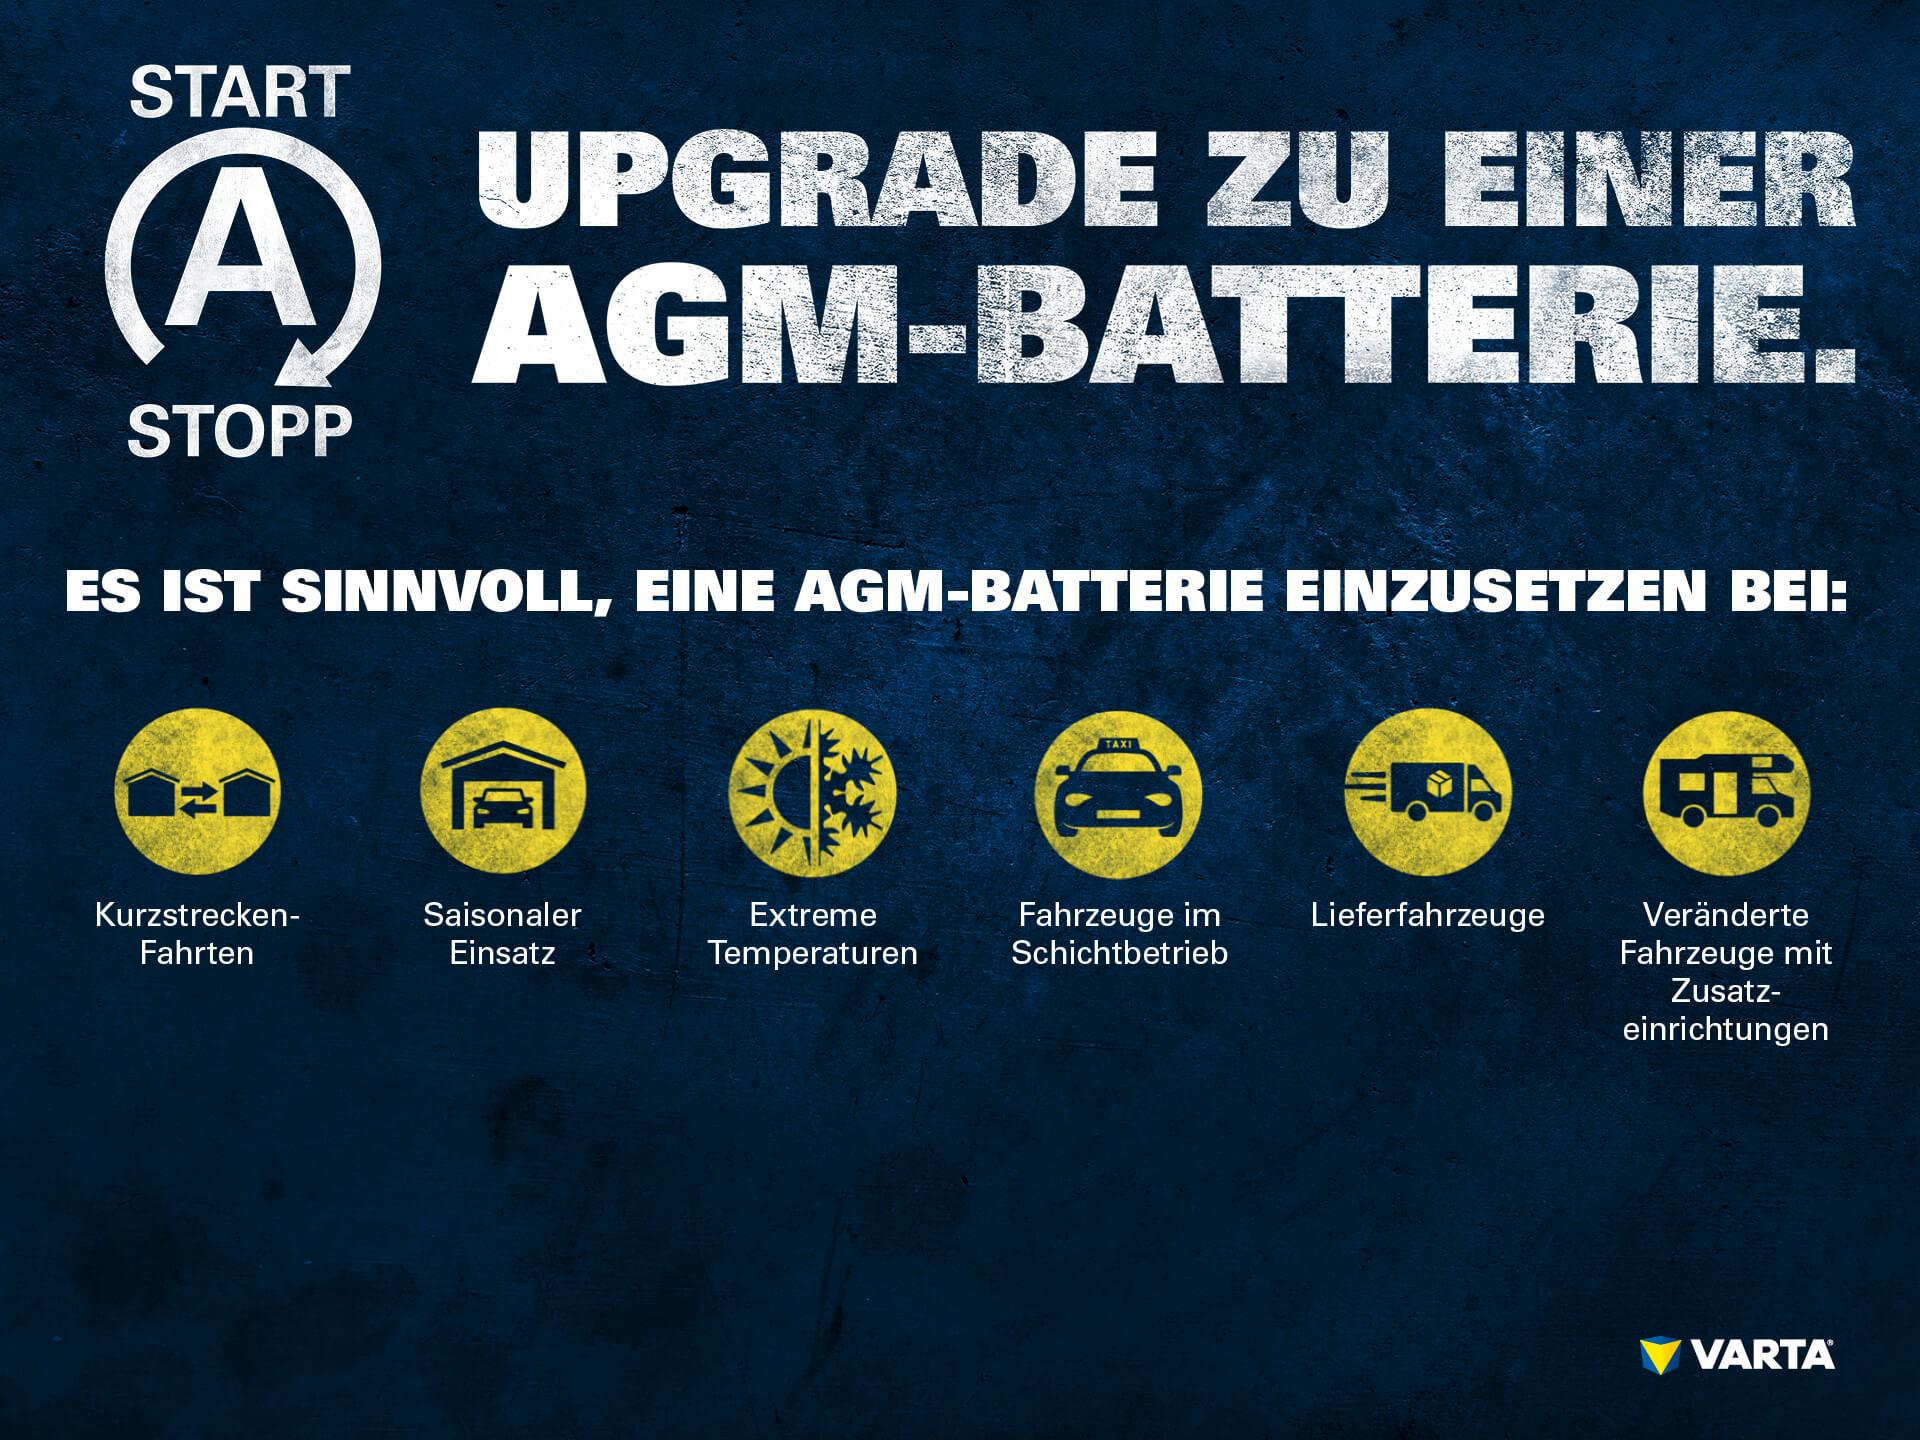 Gründe für einen Upgrade zur AGM